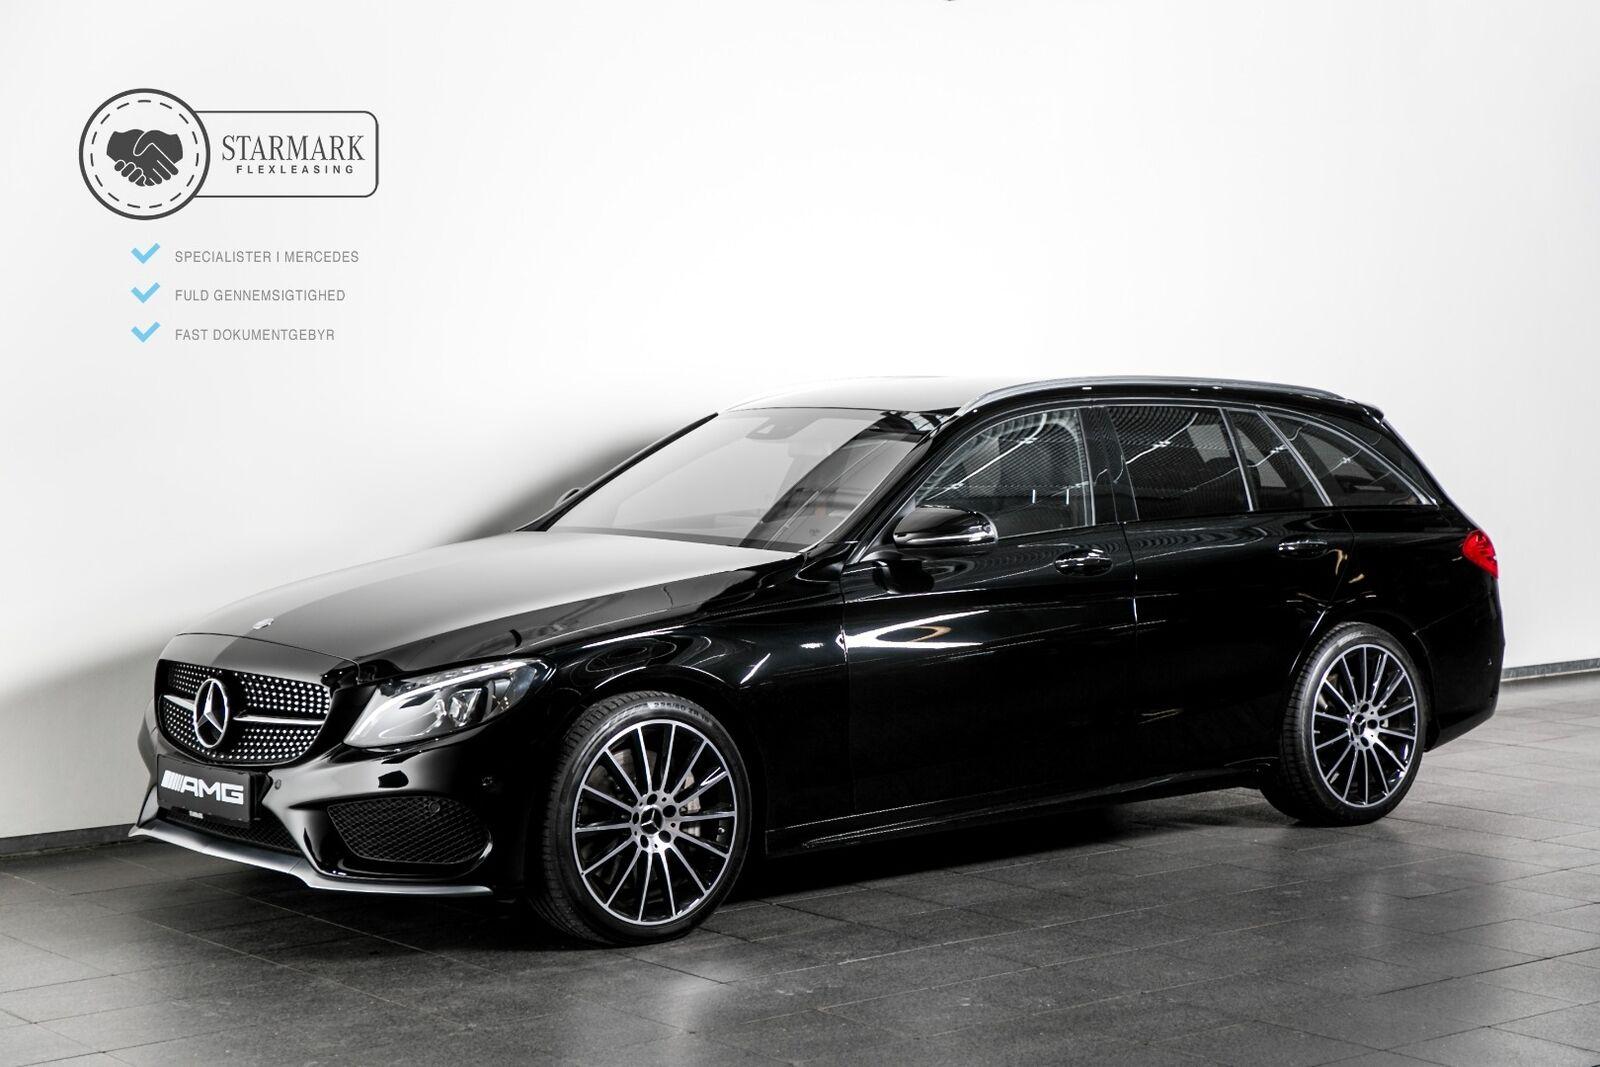 Mercedes-Benz C450 3,0 AMG stc. aut. 4-M